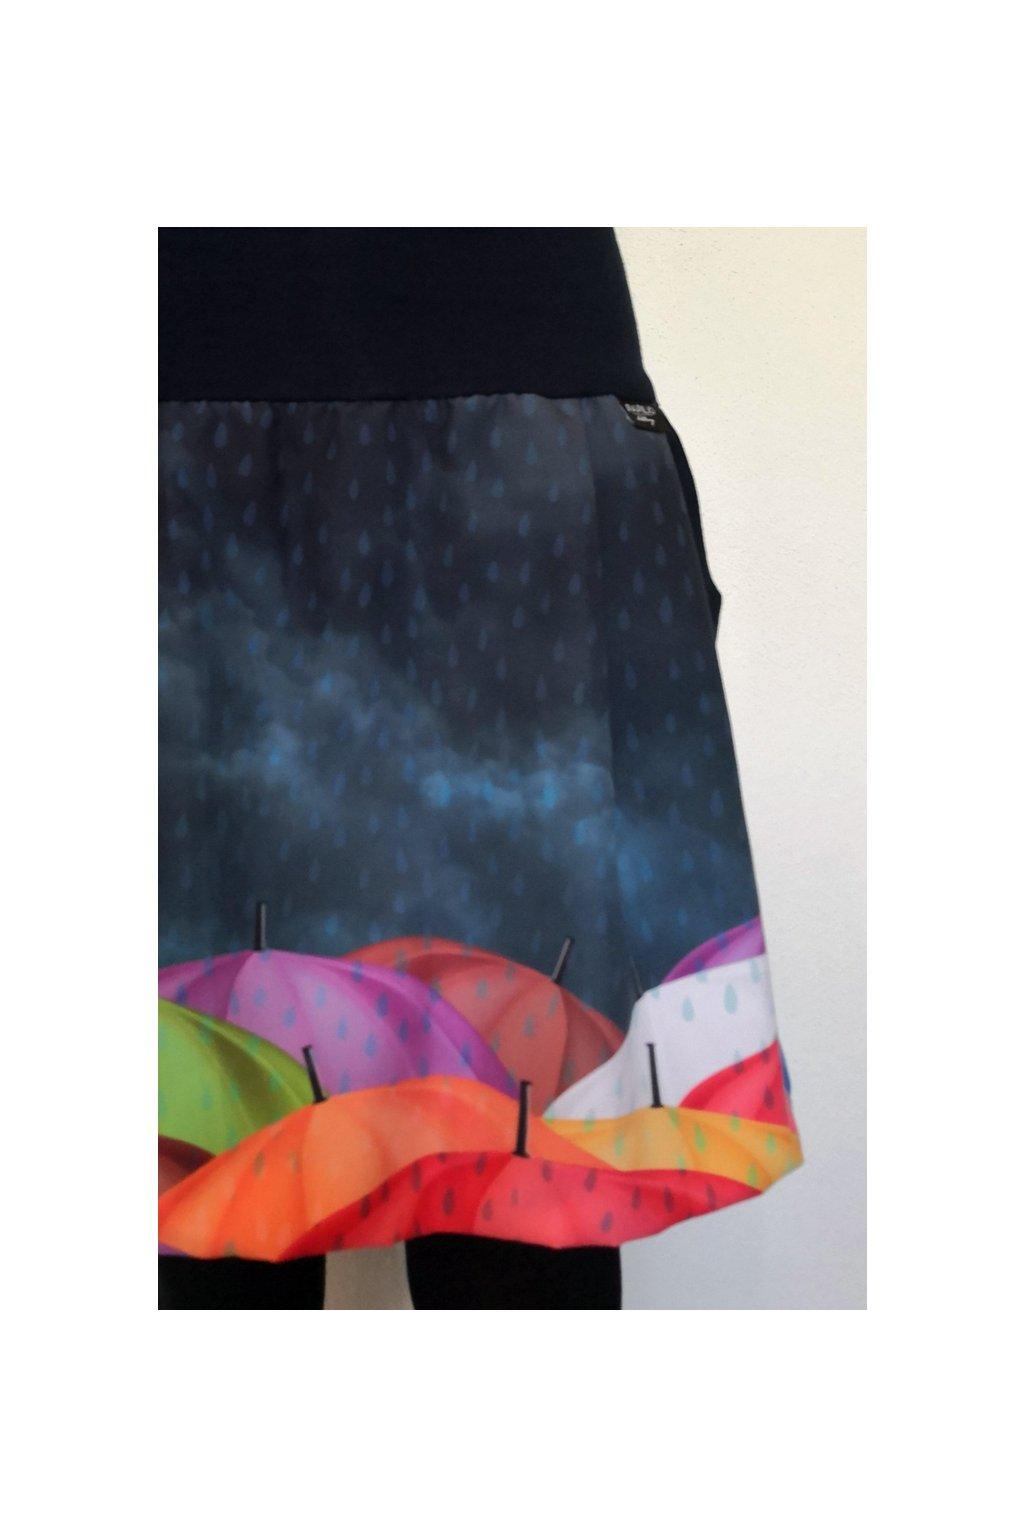 SKLADEM - Balonová sukně Kamarádka do deště III. | micropeach